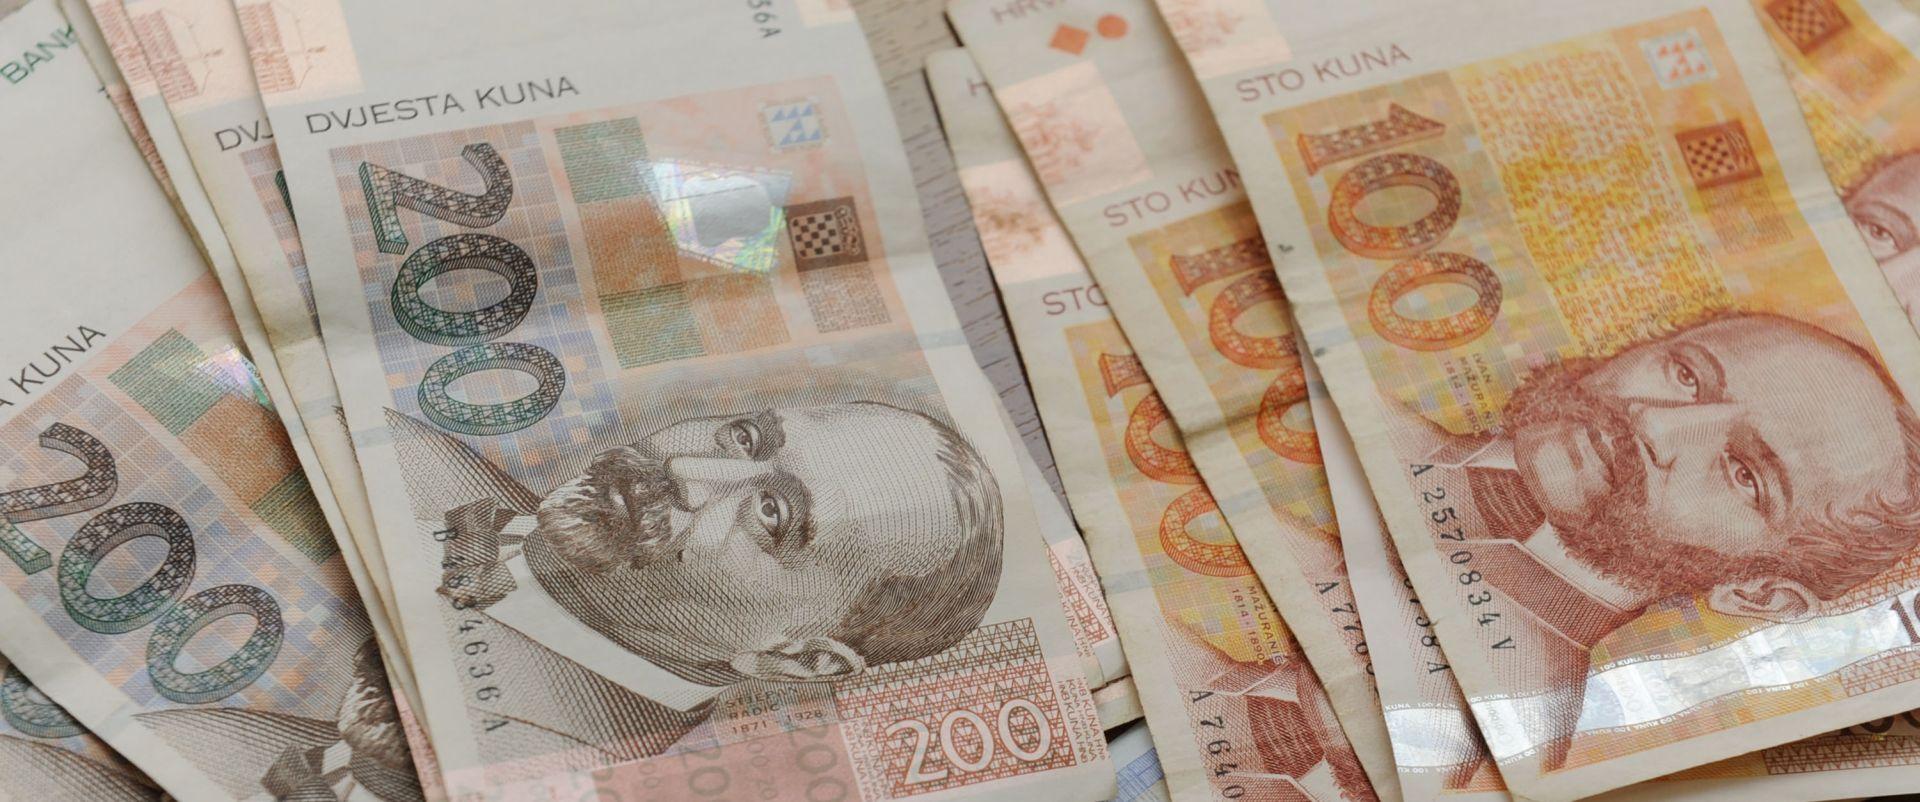 MANJE OD OČEKIVANOG: Rast gospodarstva u proteklom tromjesečju usporio na 1,9 posto